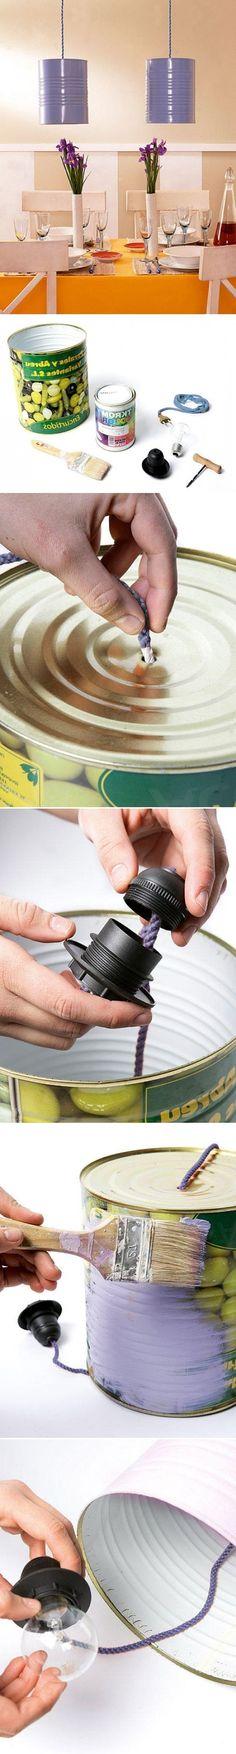 Жестянка-патрон-провод-стильный светильник